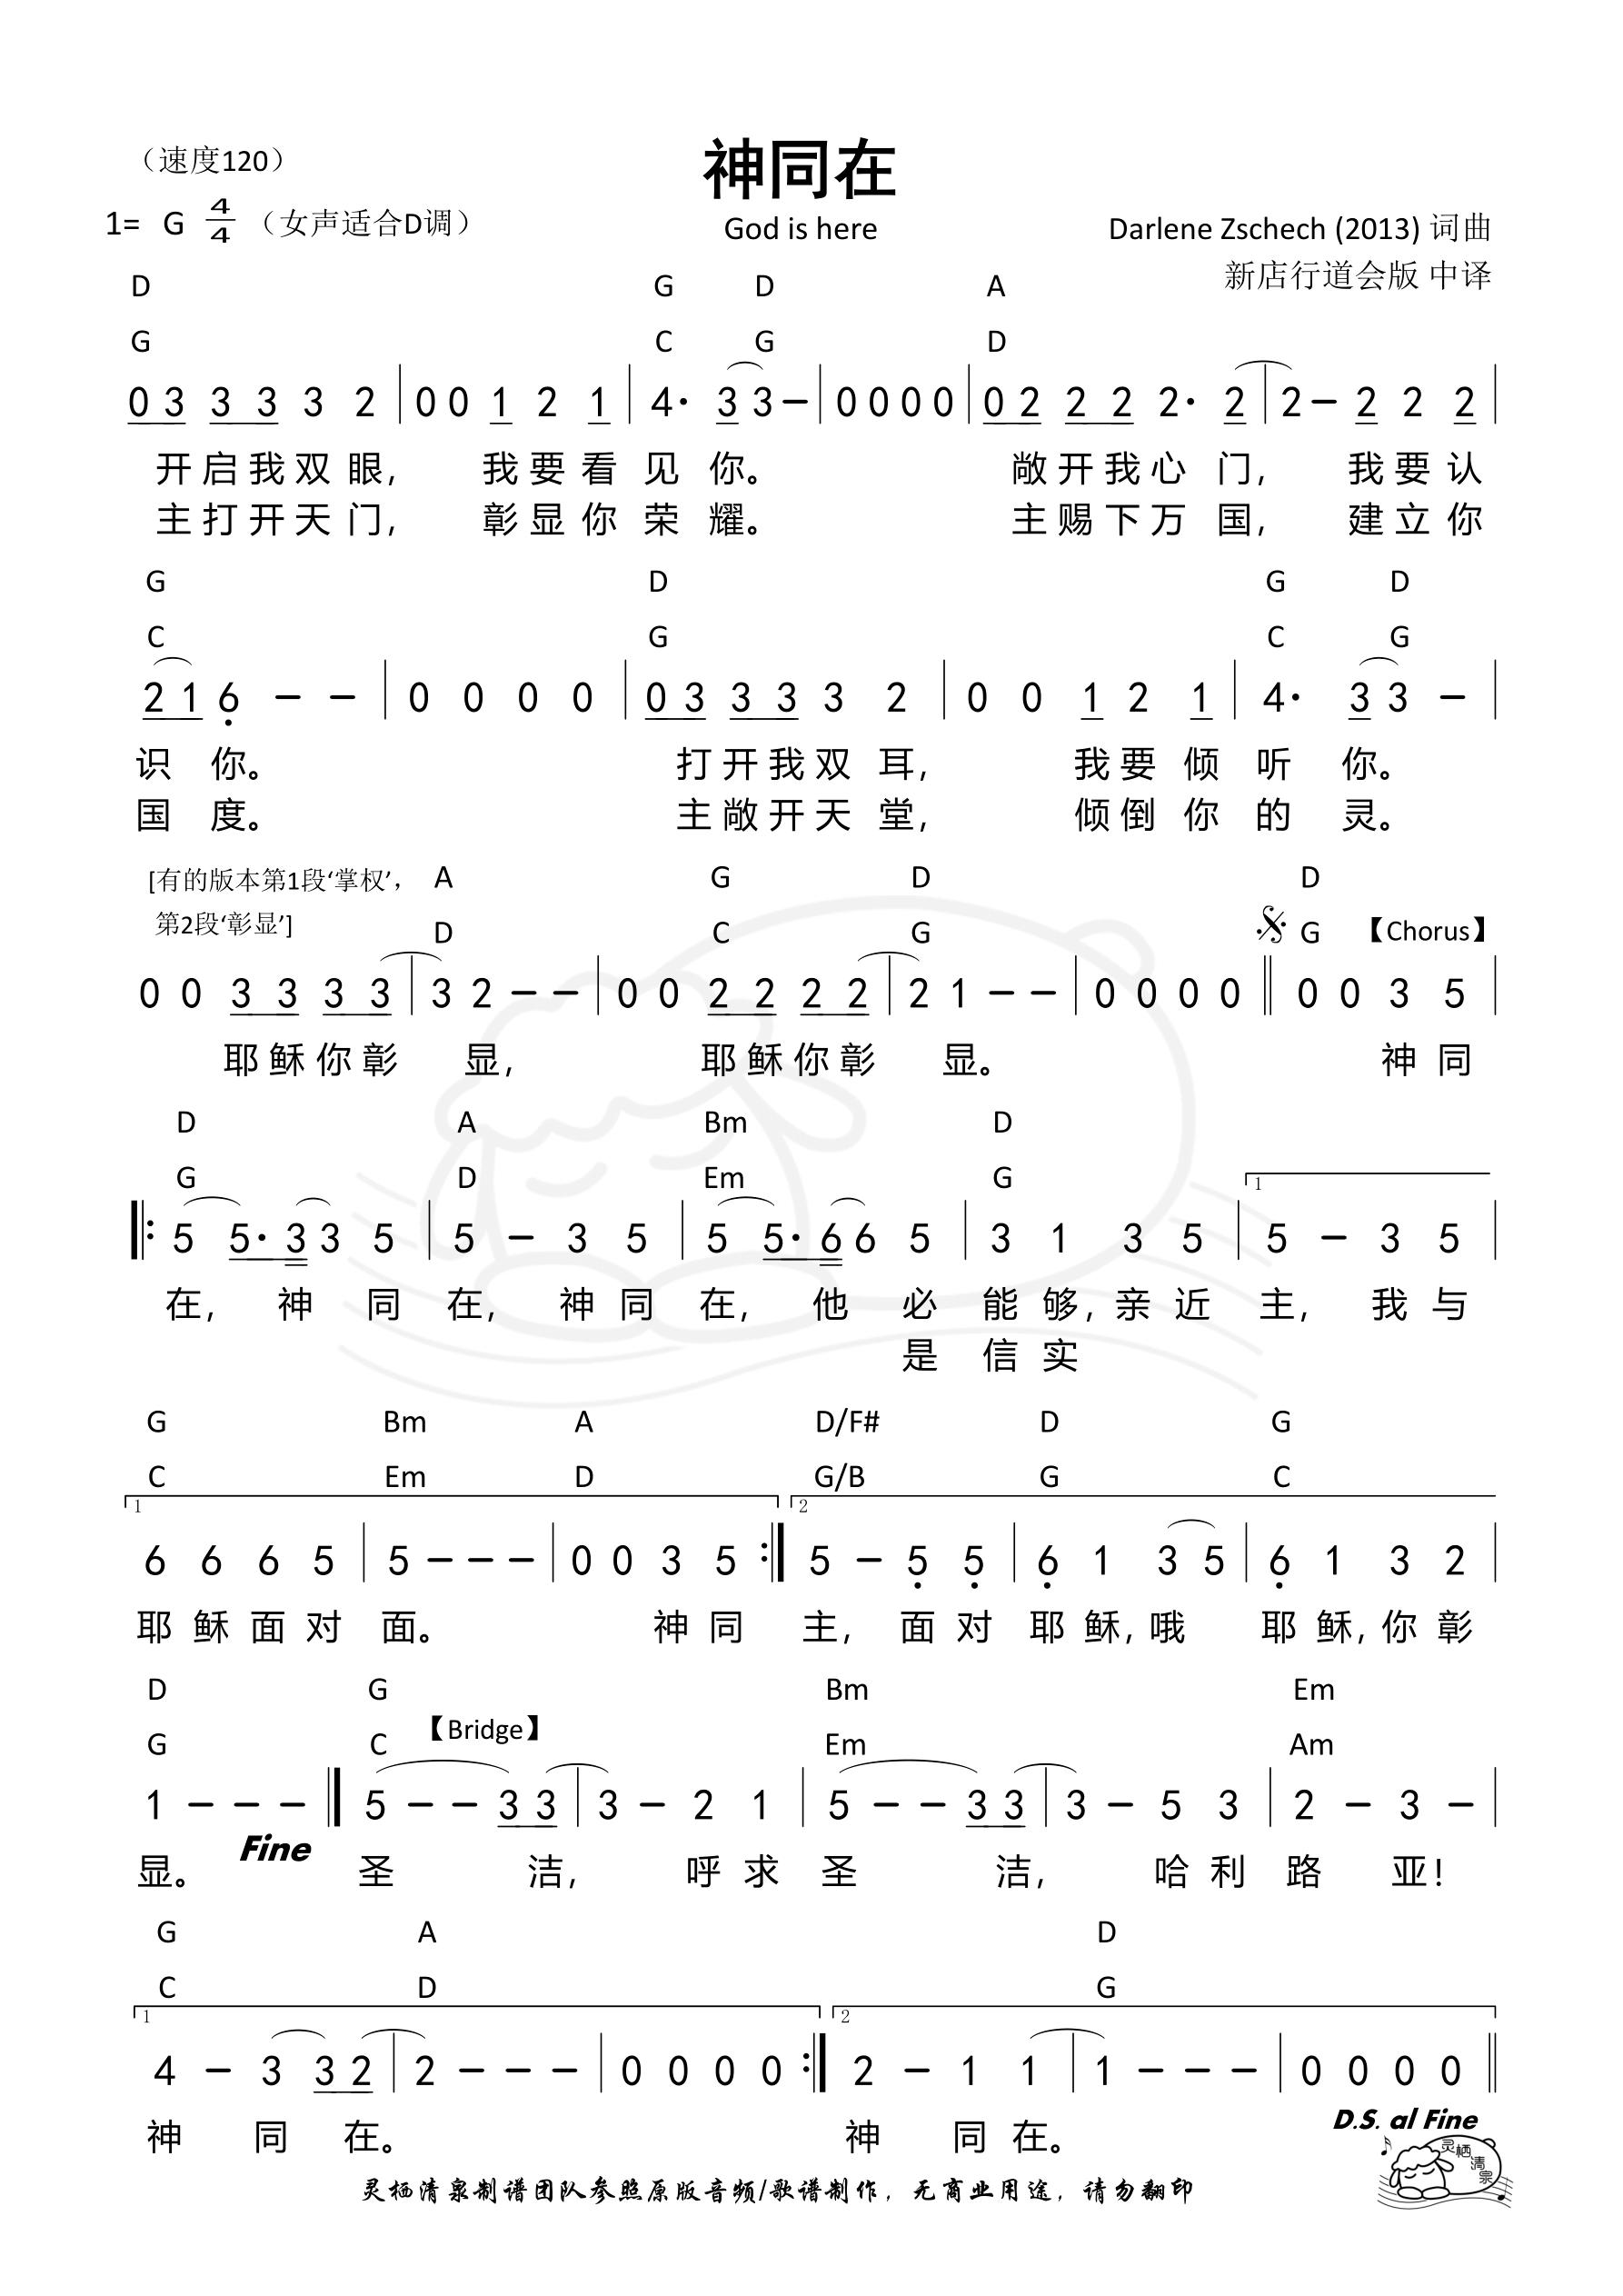 《第197首 - 神同在(God is here) 和弦简谱》